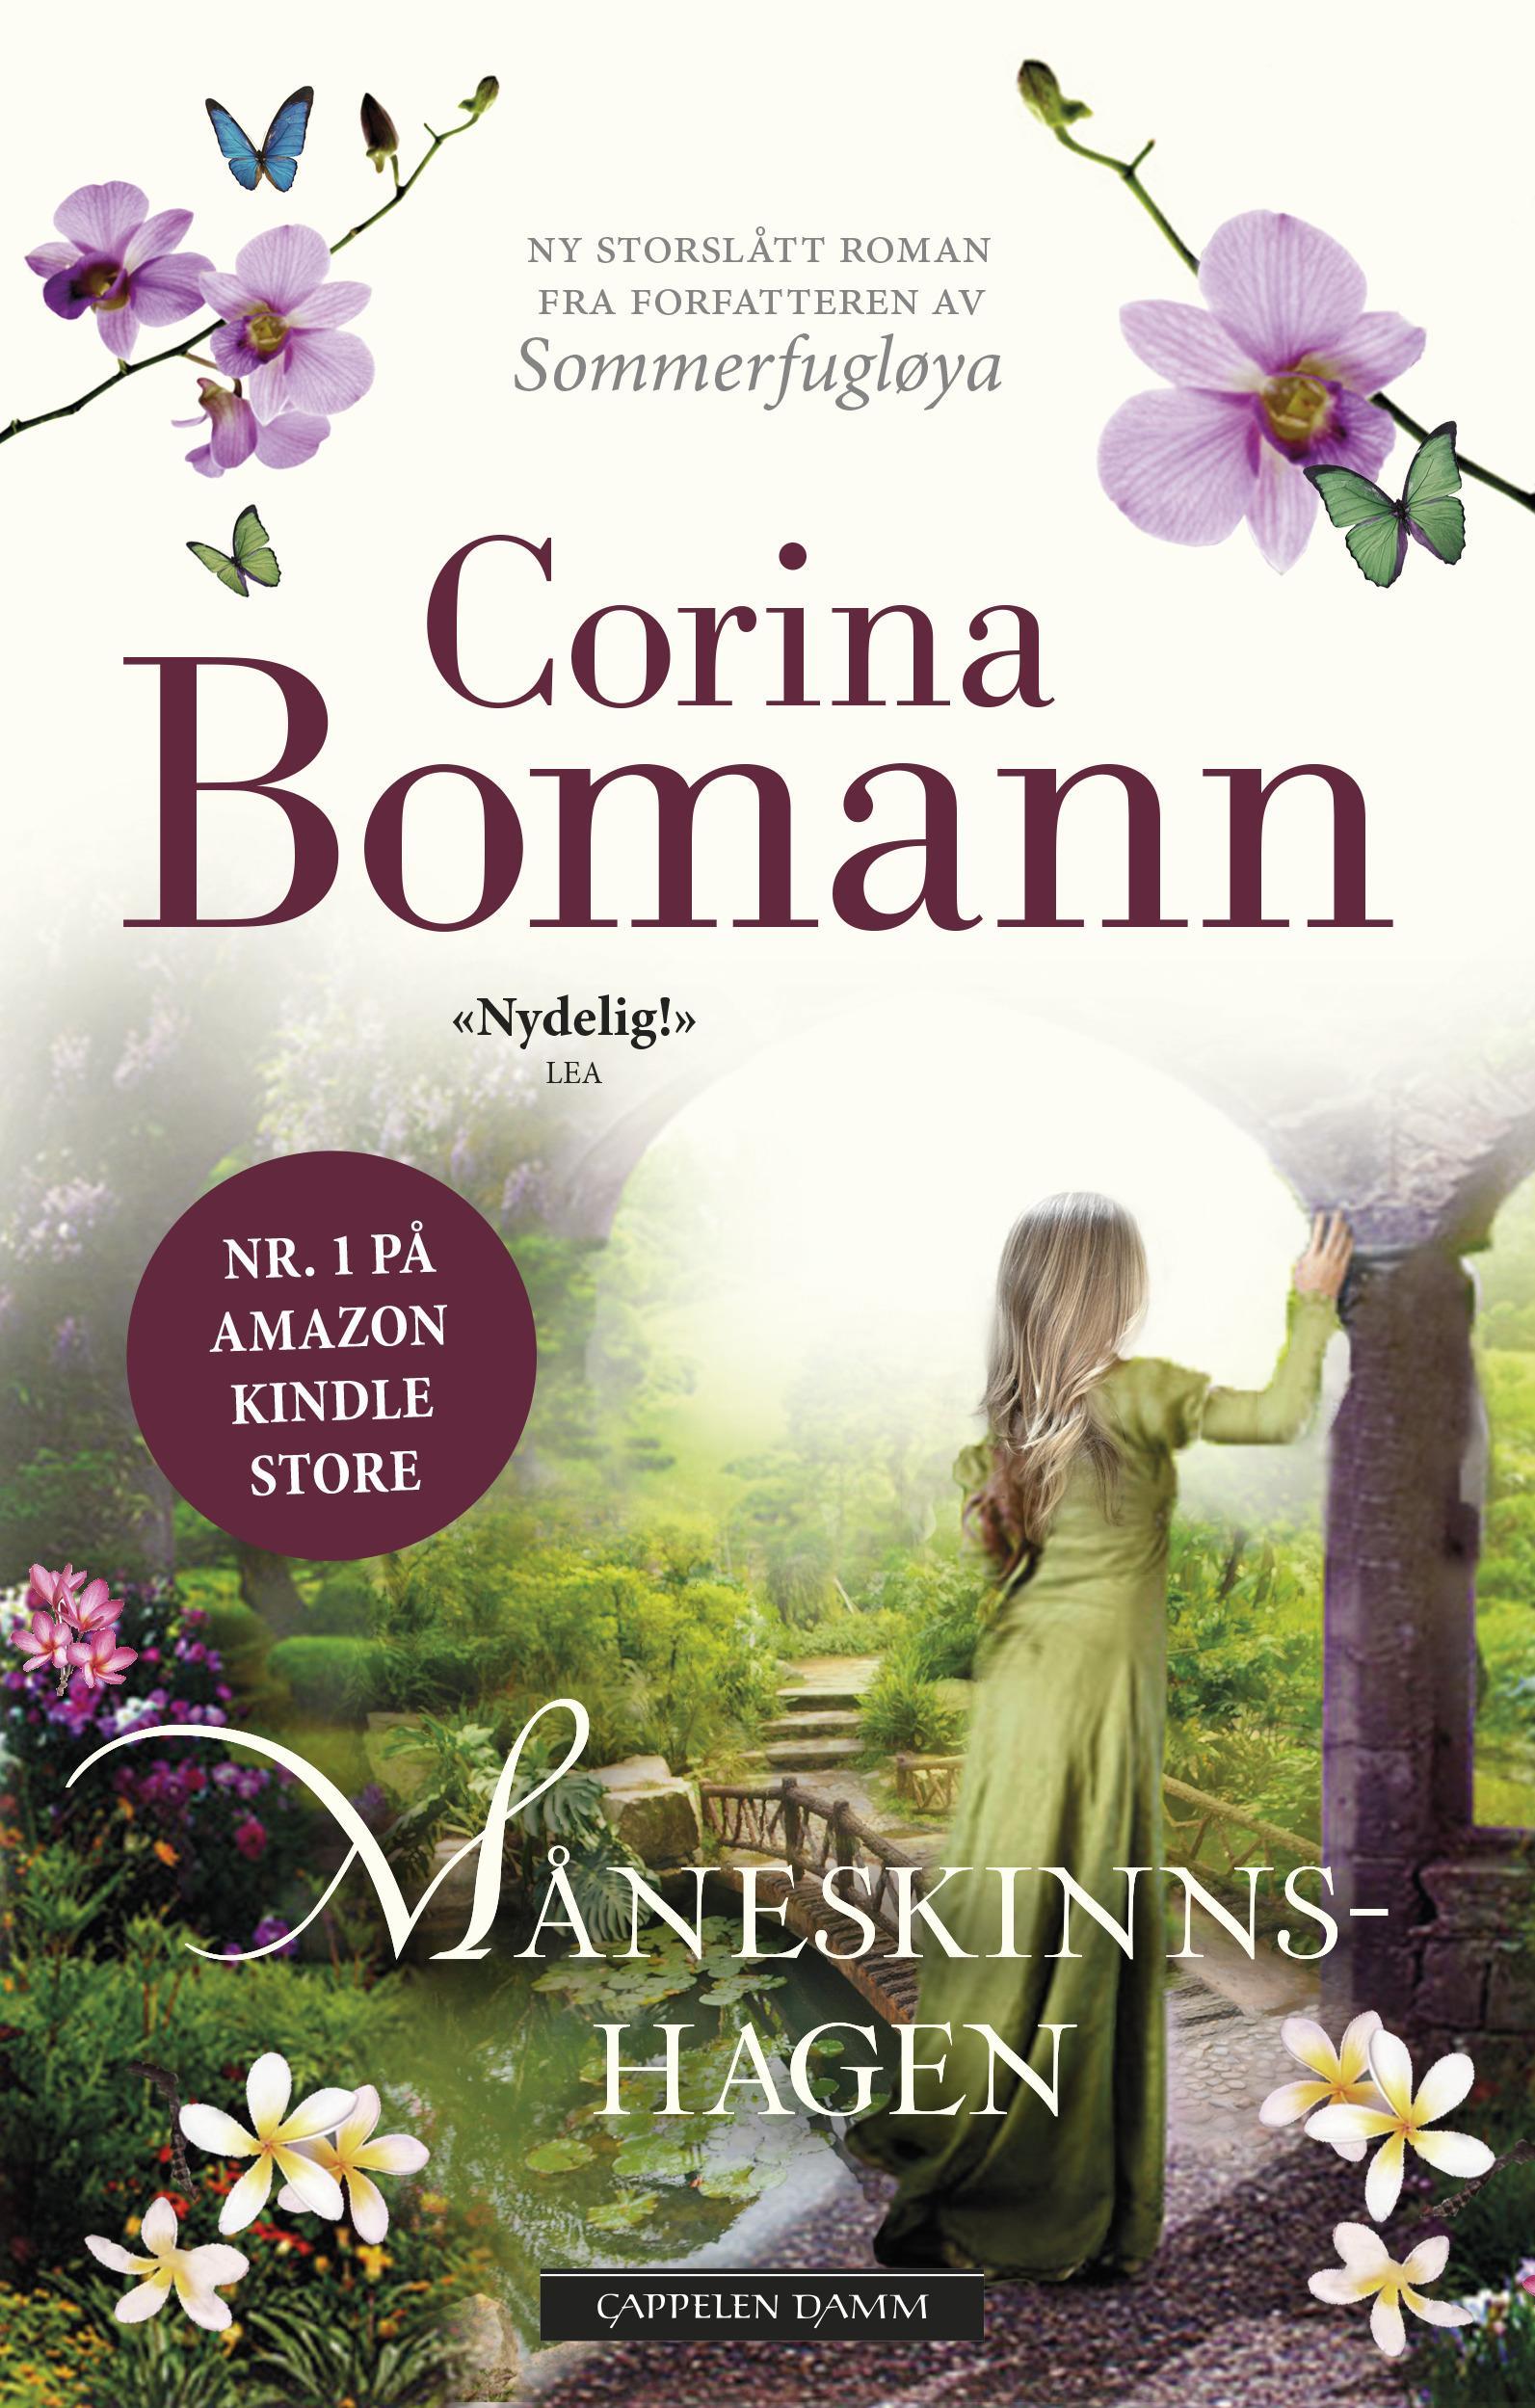 """""""Måneskinnshagen"""" av Corina Bomann"""